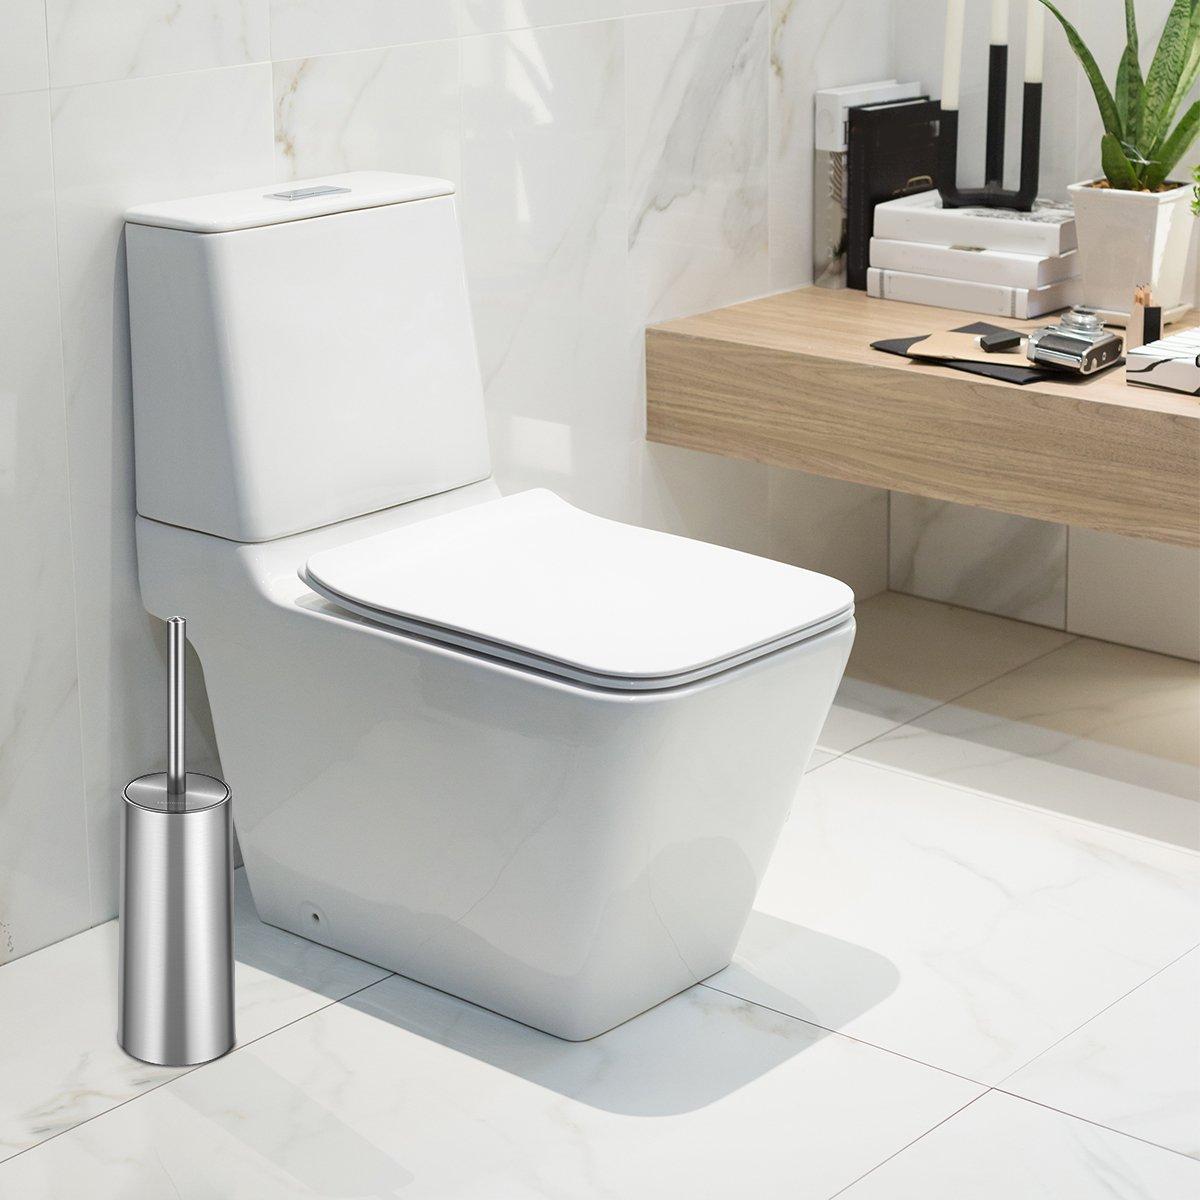 Homemaxs Scopino Bagno e Portascopino WC Scopino per WC in Acciaio Inossidabile e Resistente alla Ruggine